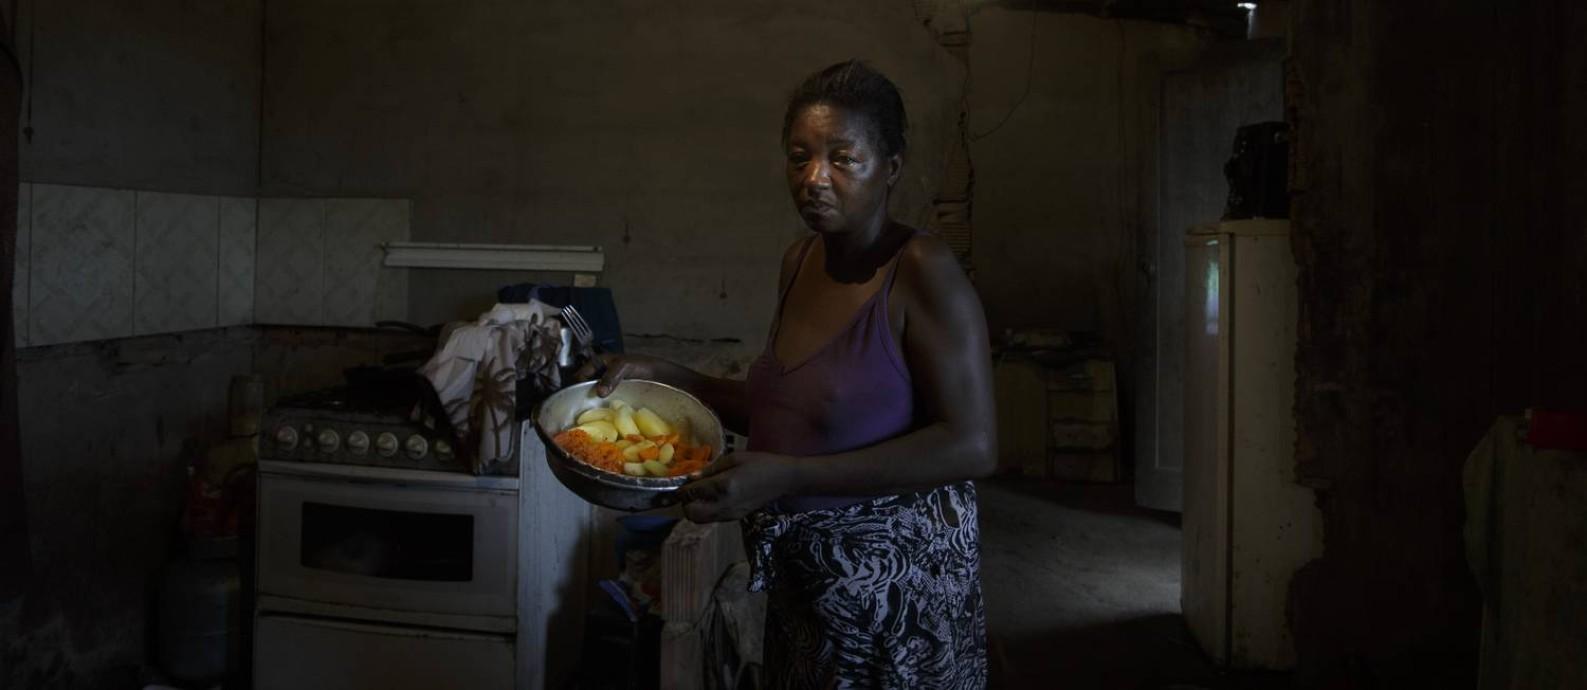 Simone Souza Bernardes, 49 anos, mostra os legumes que ganhou de um vizinho: jantar será a única refeição da família no dia Foto: Márcia Foletto / Agência O Globo